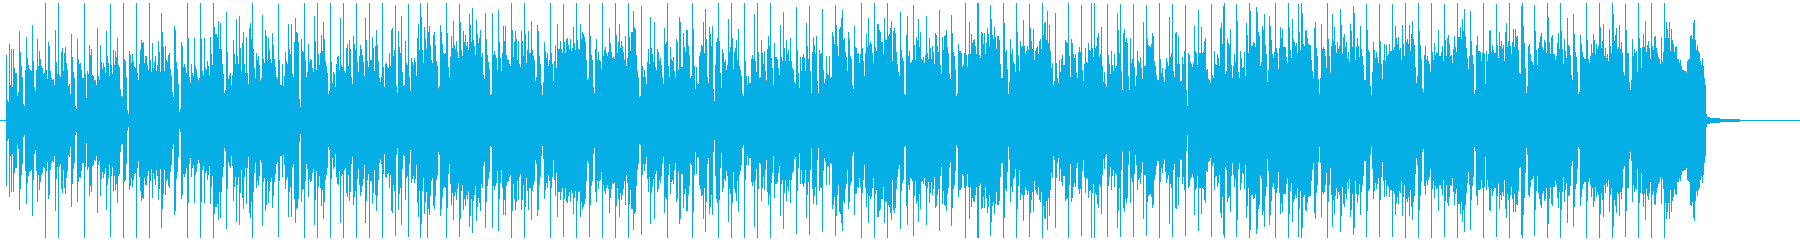 情熱的なサックスとロックバンド風ポップスの再生済みの波形